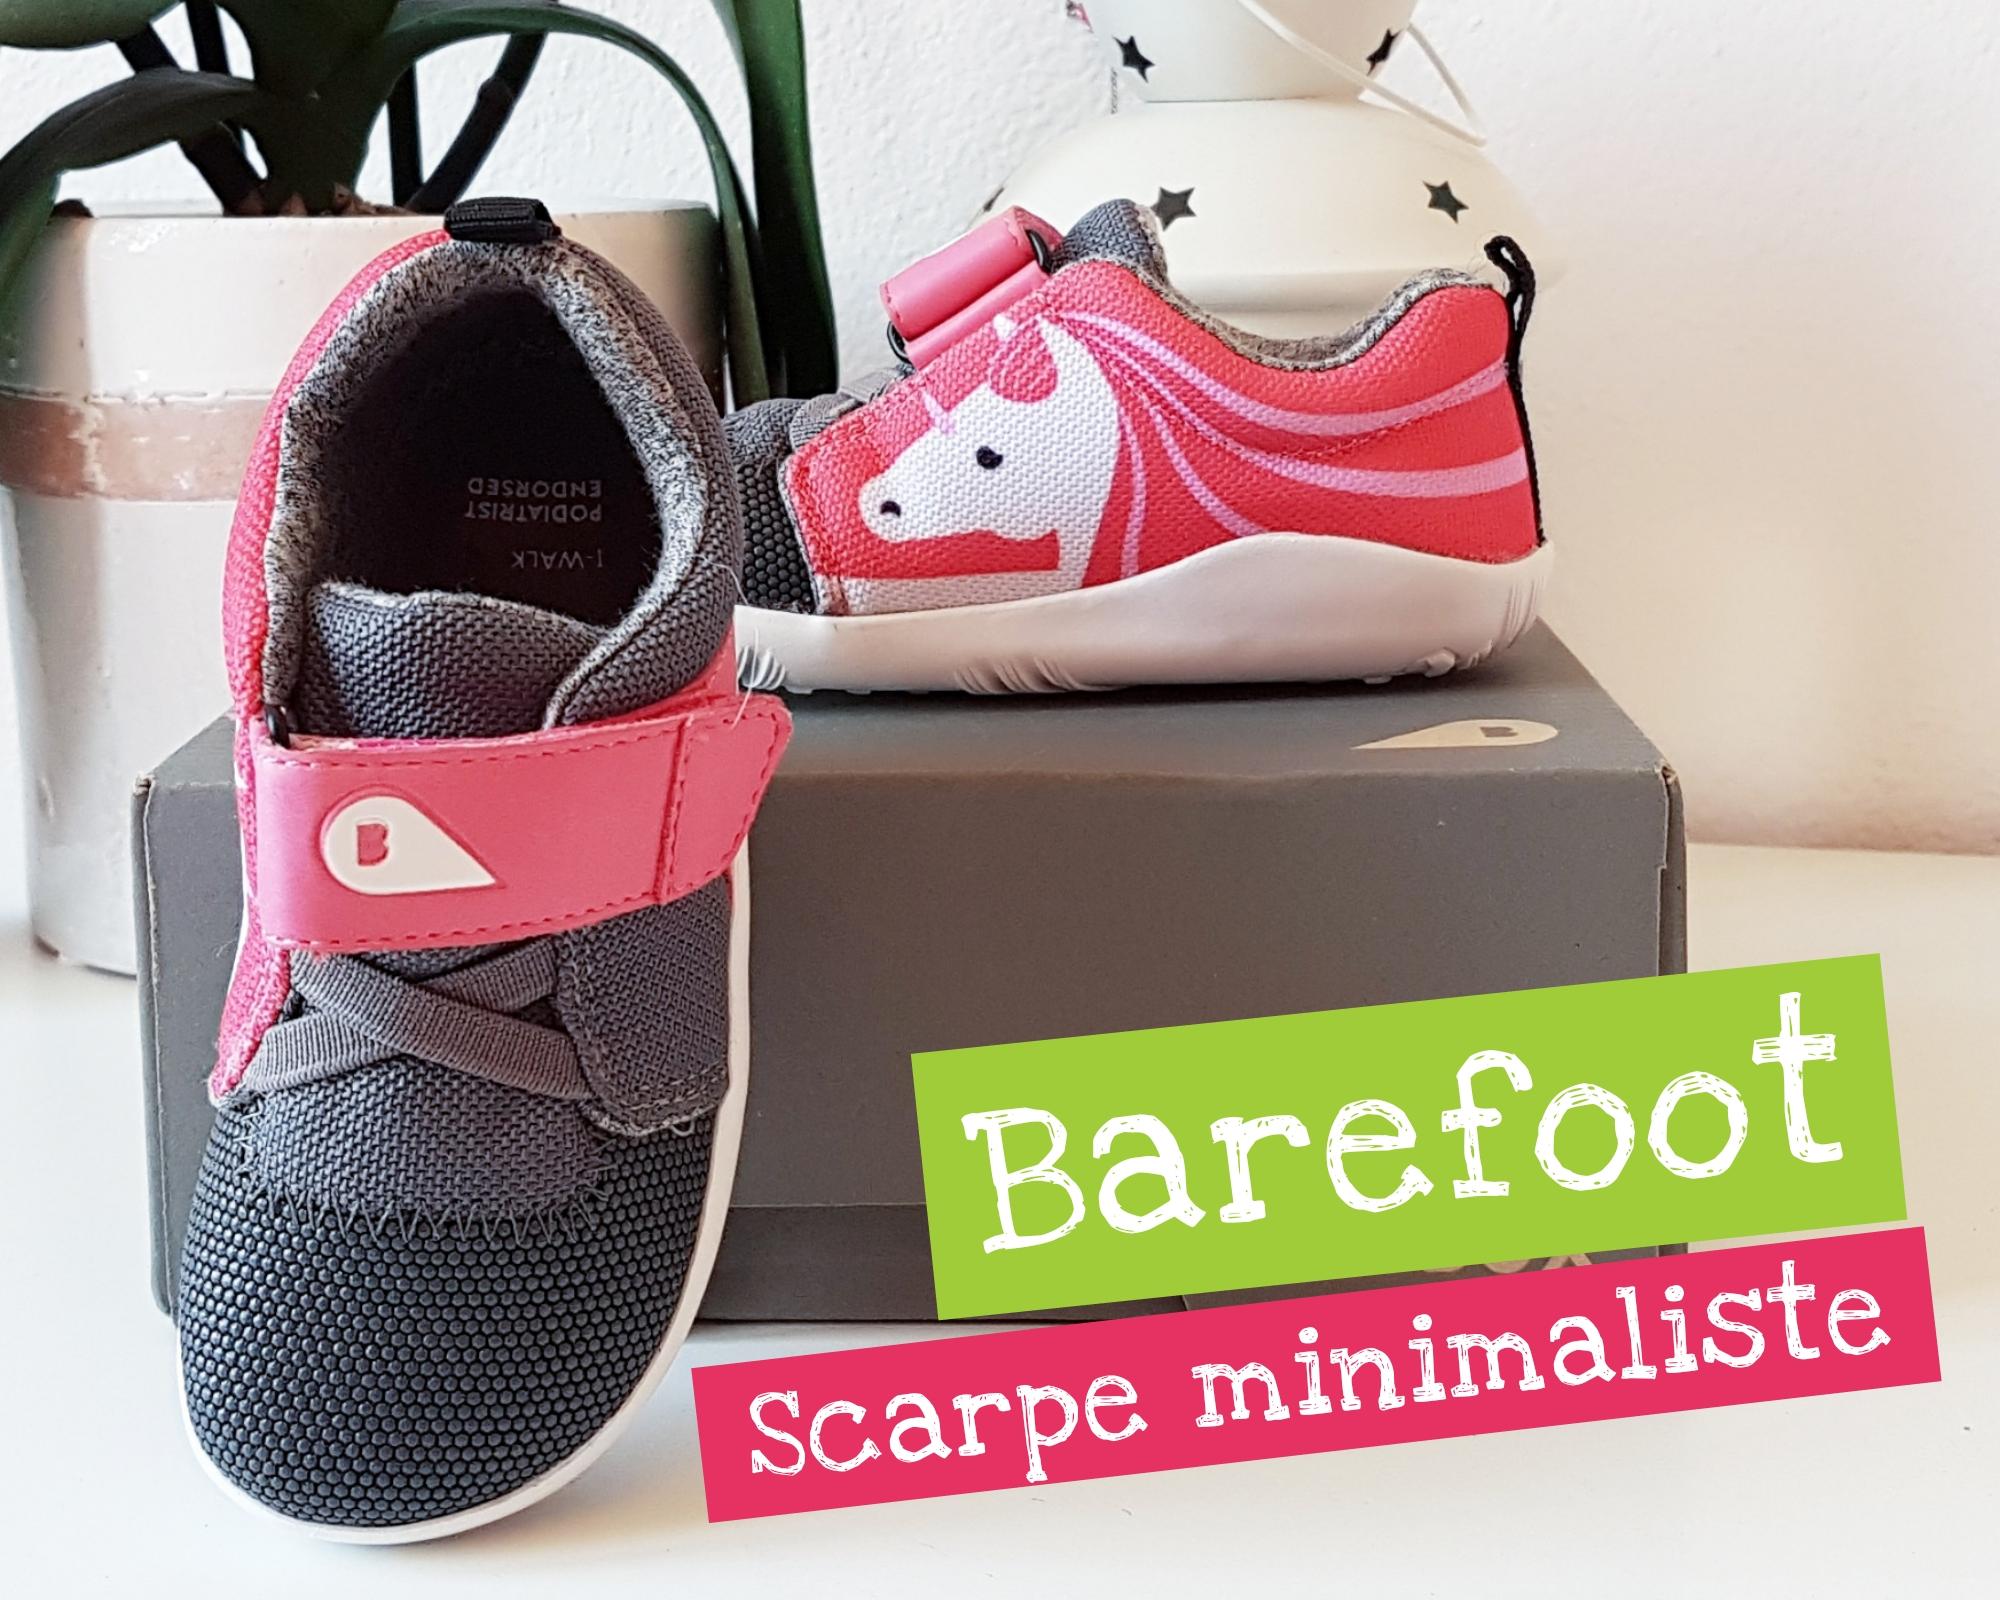 new product 2301f 67f09 Scarpe minimaliste per bambini - ecco perché sceglierle